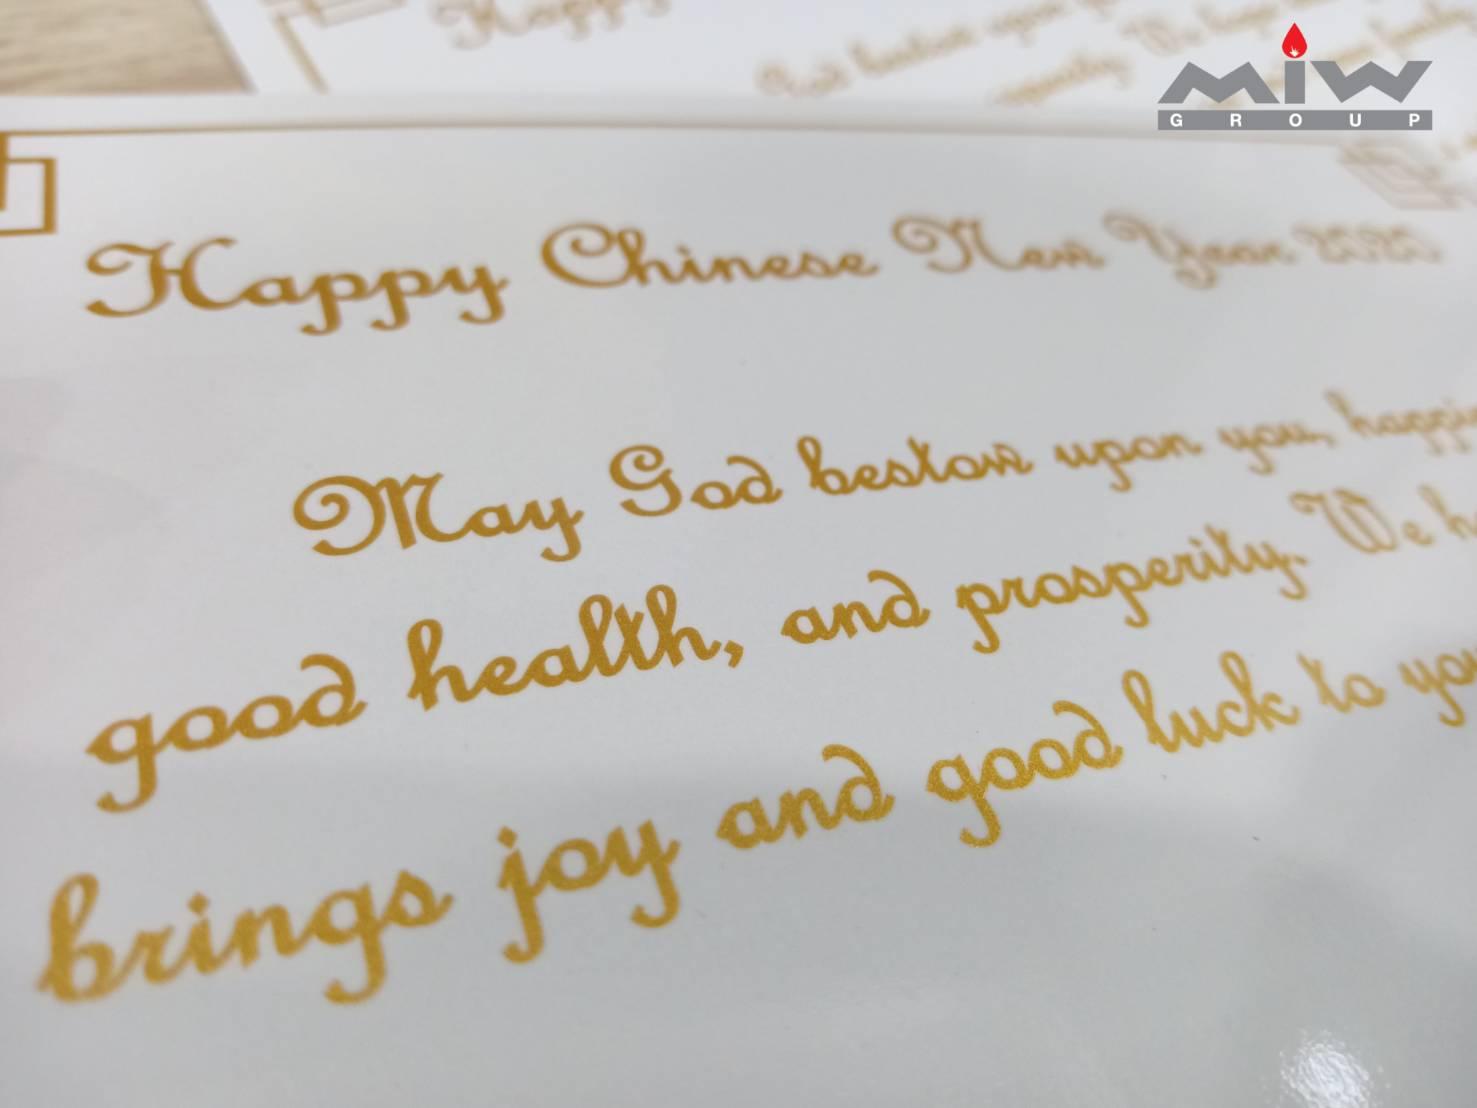 239293 - งานพิมพ์การ์ด SNC Happy Chinese New Year 2020